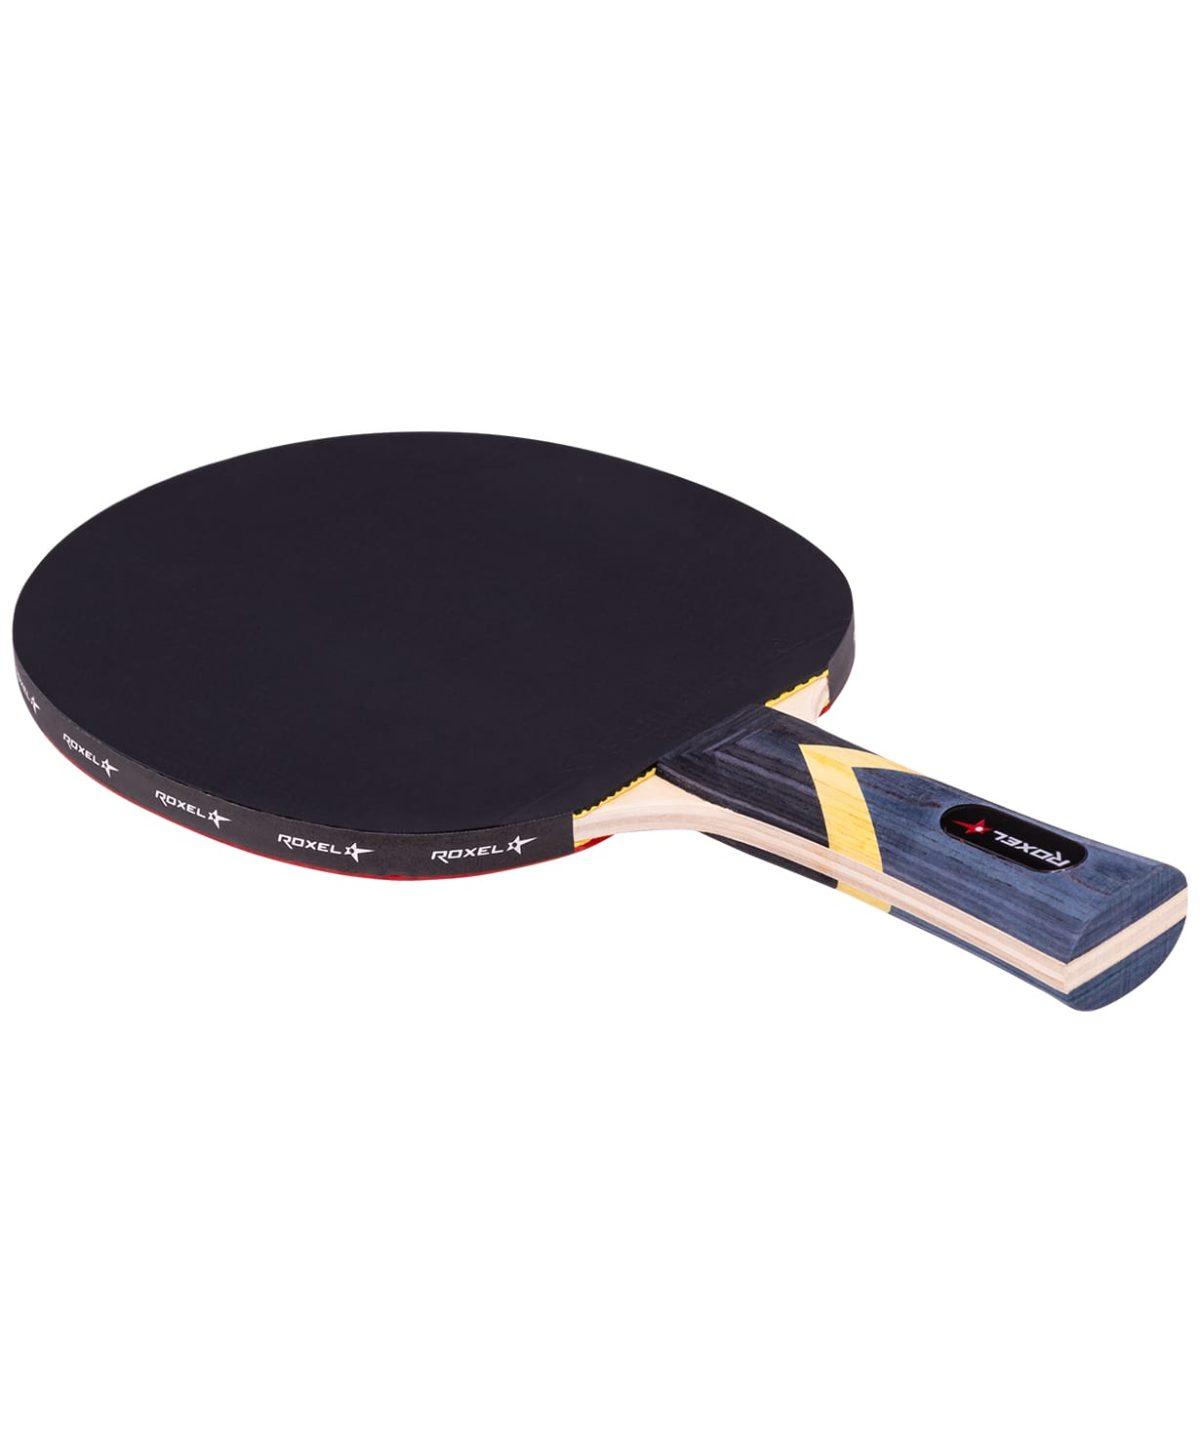 ROXEL 1* Forward Ракетка для настольного тенниса, коническая  15355 - 3